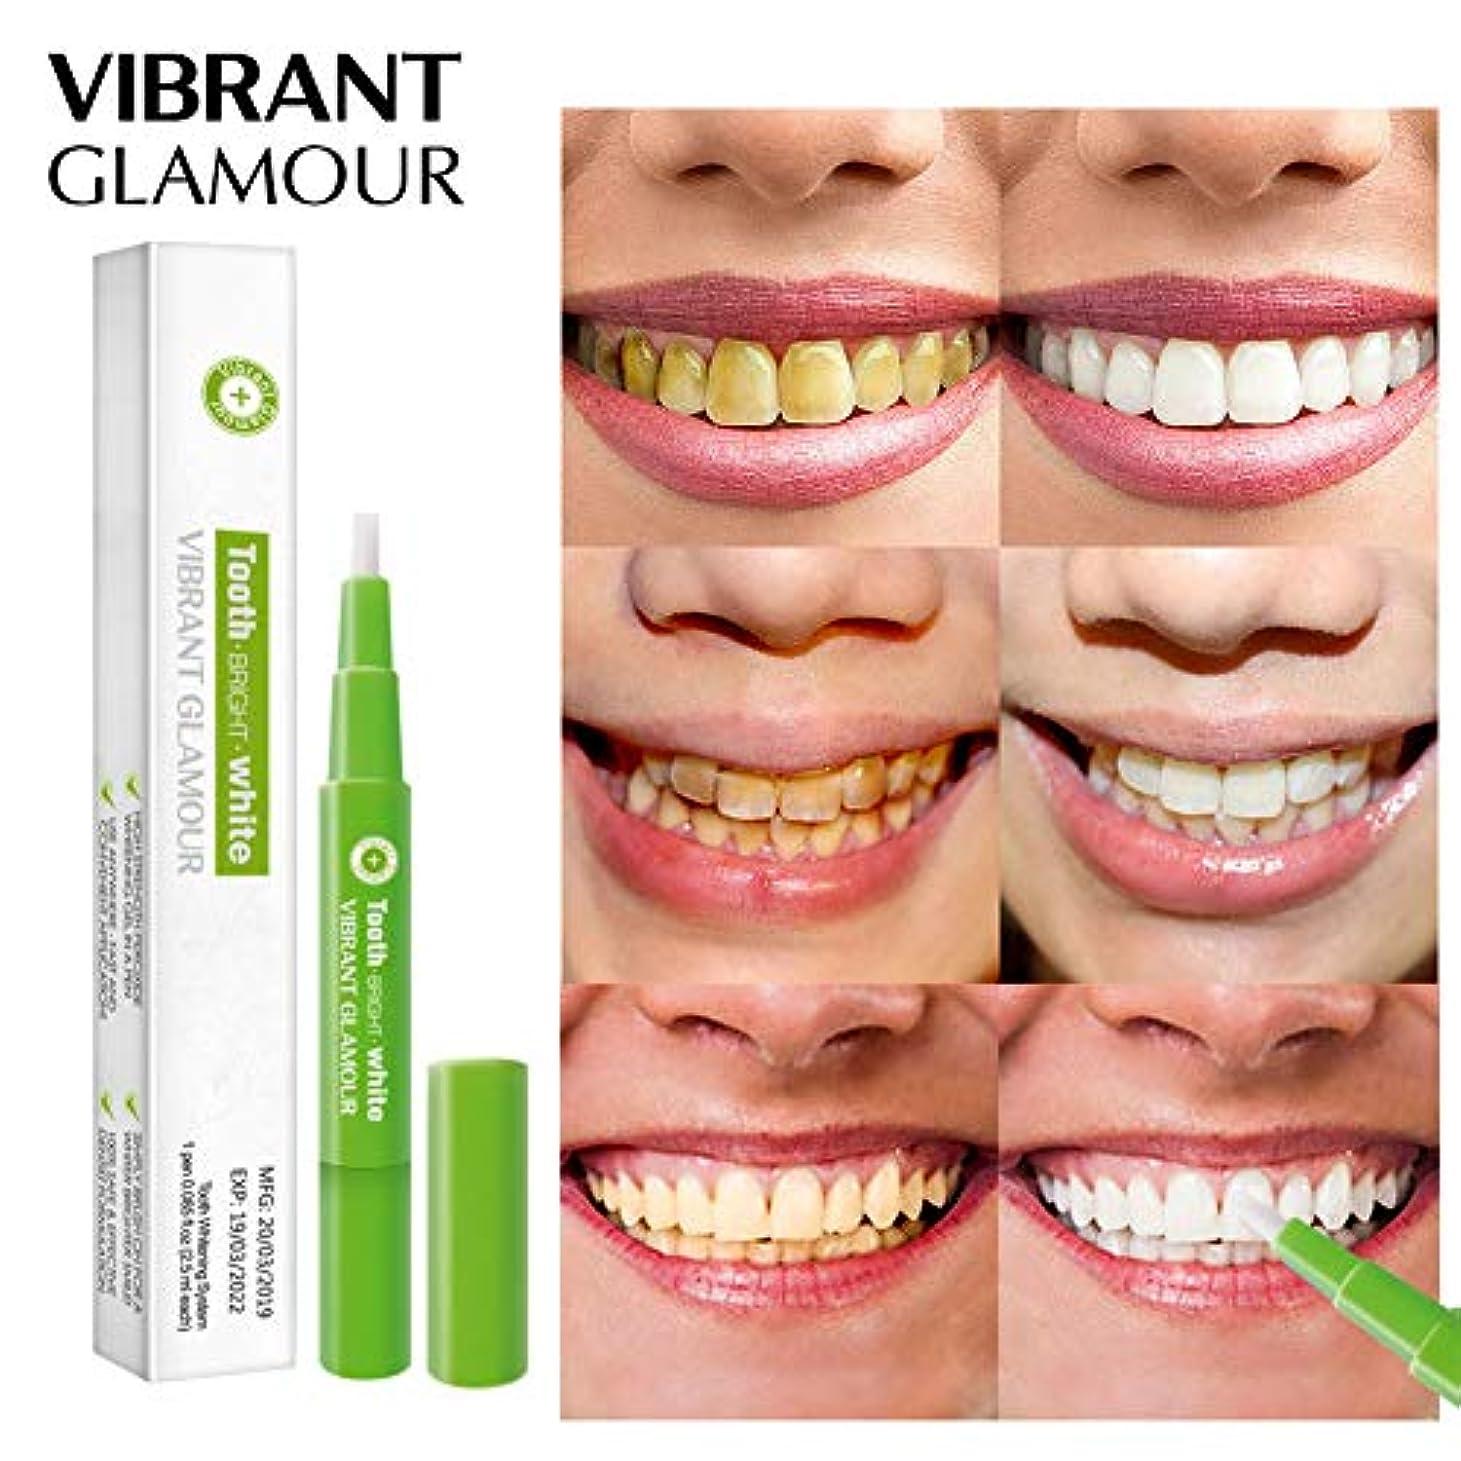 確認してください直立純粋に歯のホワイトニングペン FidgetFidget ペンを白くする歯の漂白用具歯科白い歯